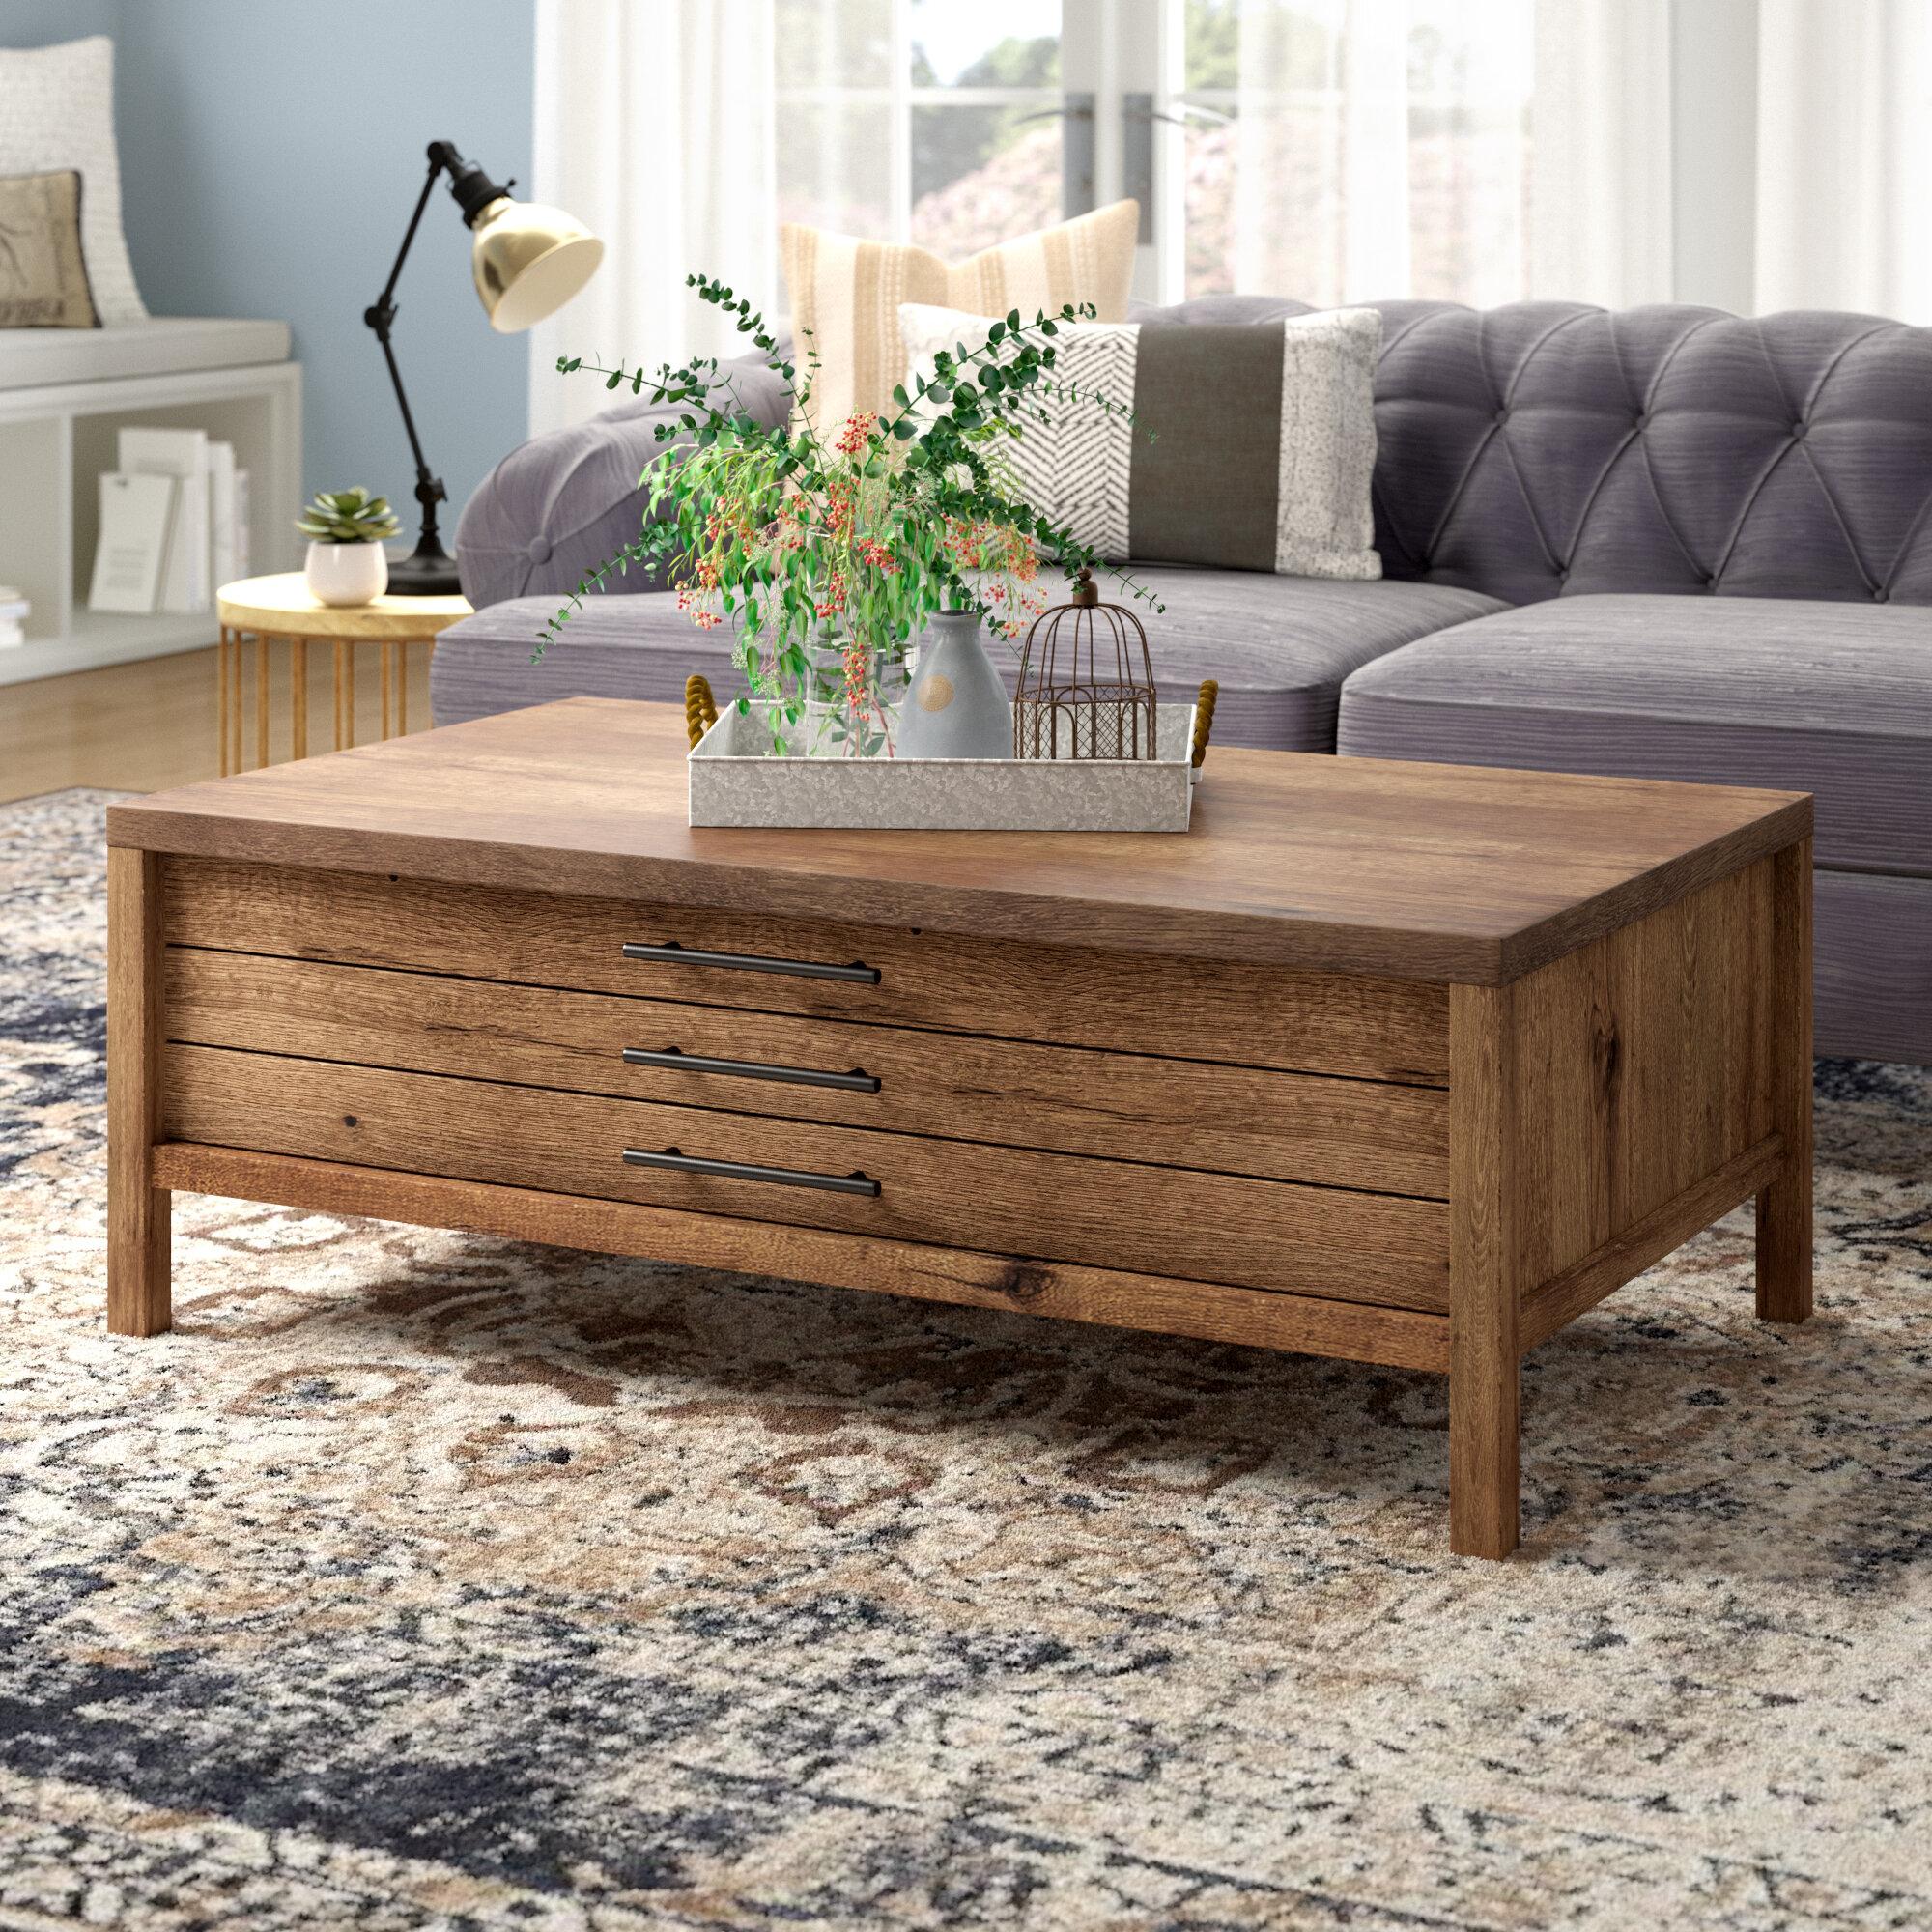 Laurel Foundry Modern Farmhouse Odile Coffee Table & Reviews   Wayfair